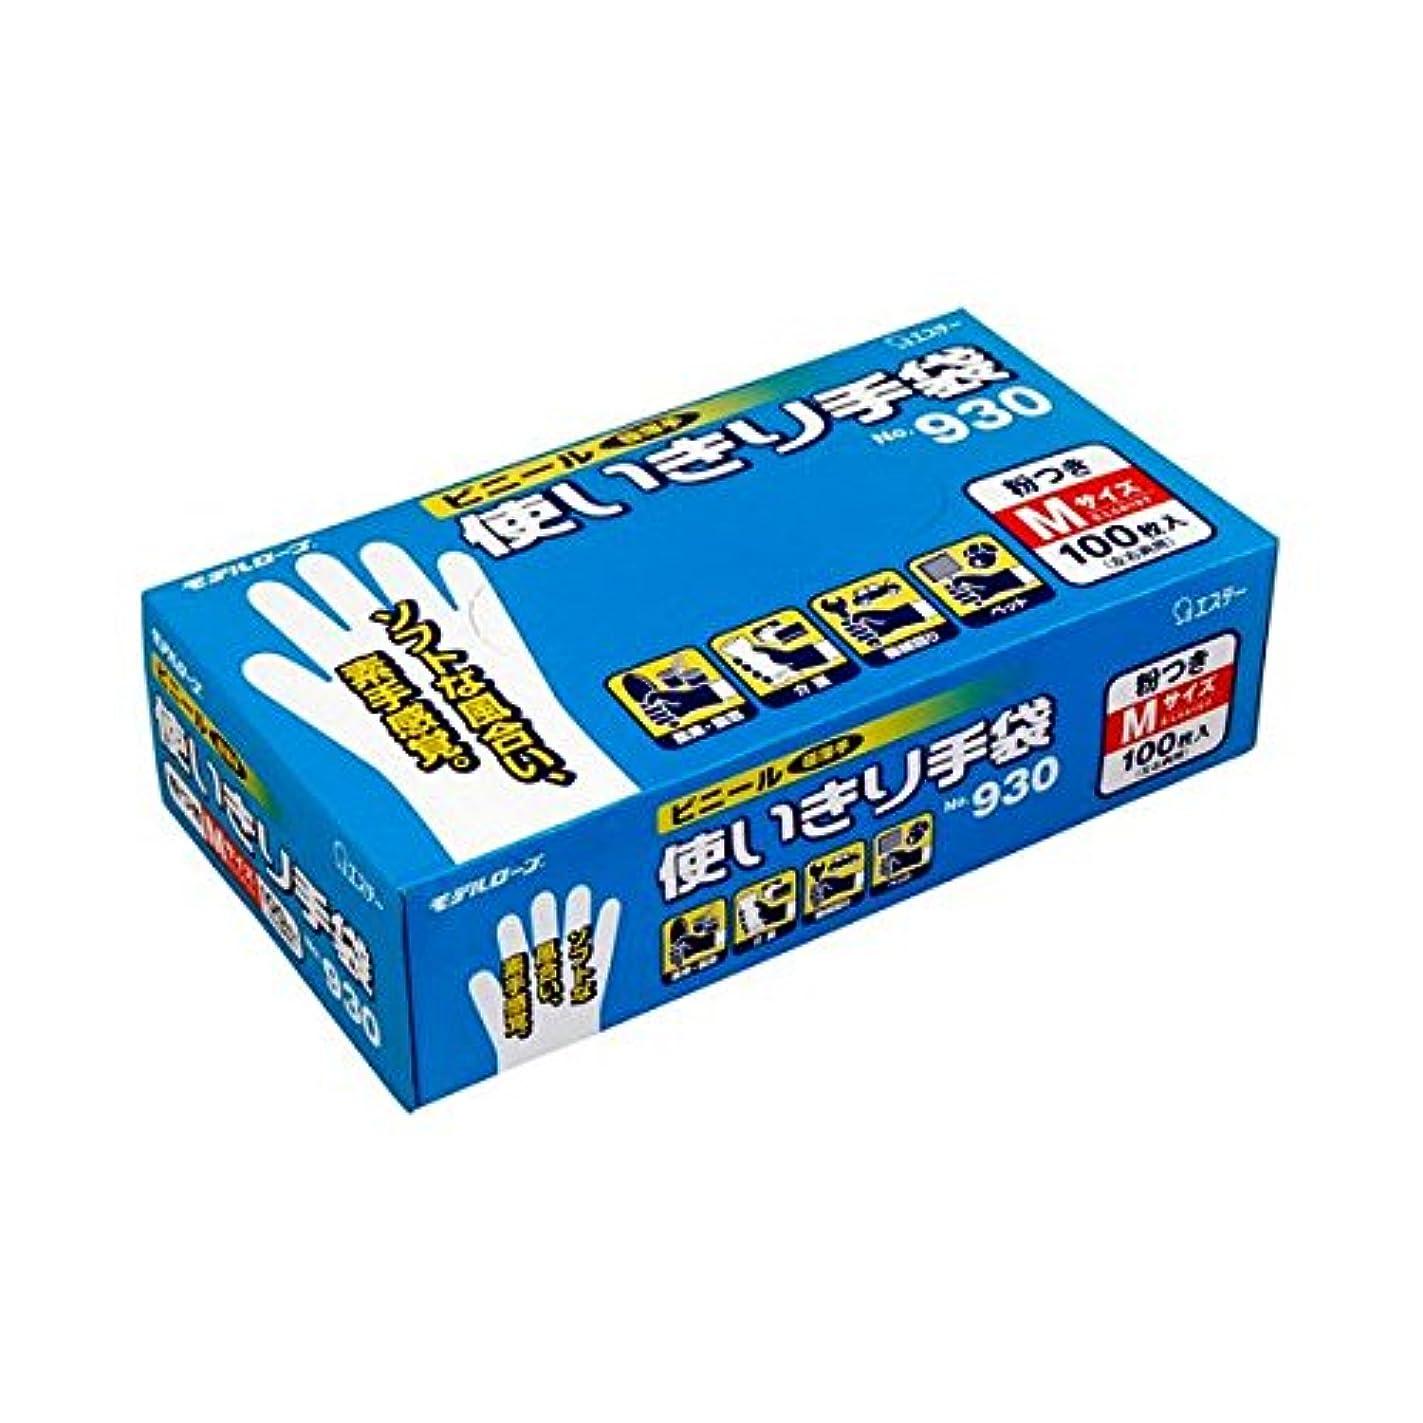 すみません味愛する(まとめ) エステー No.930 ビニール使いきり手袋(粉付) M 1箱(100枚) 【×5セット】 ds-1580597